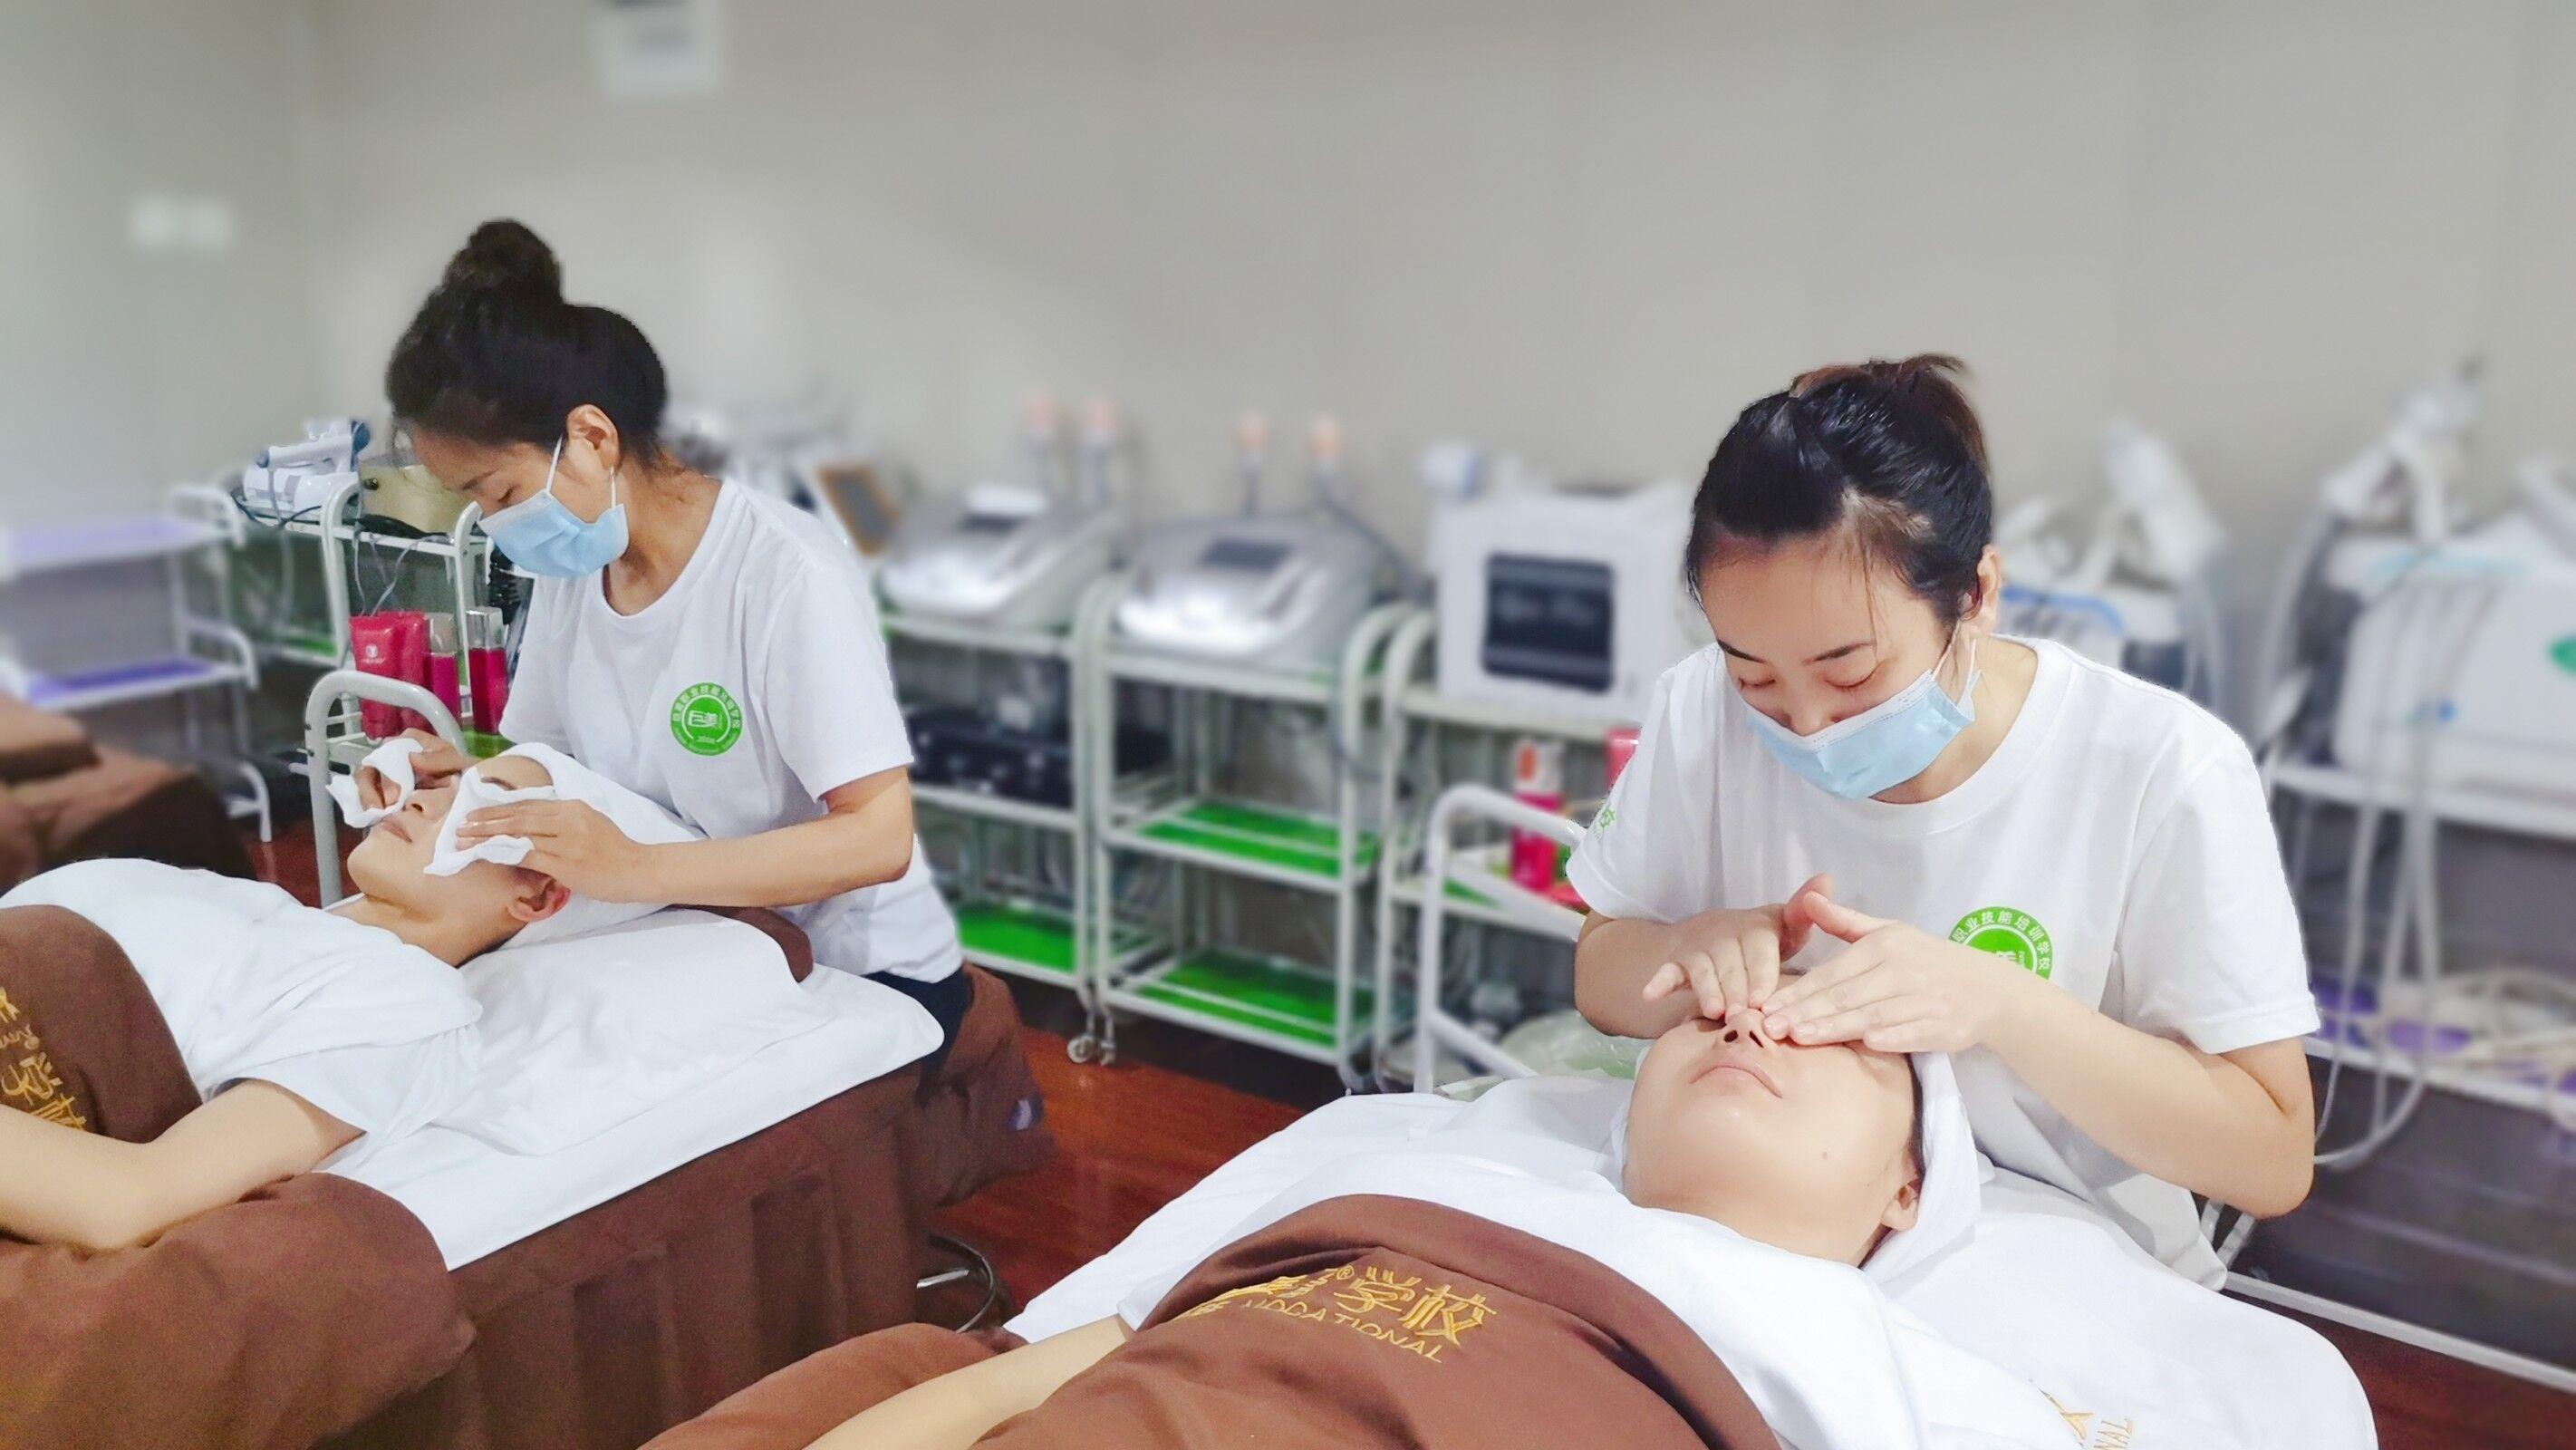 成都皮肤管理培训需要多少钱(成都多少钱可以学会皮肤管理)